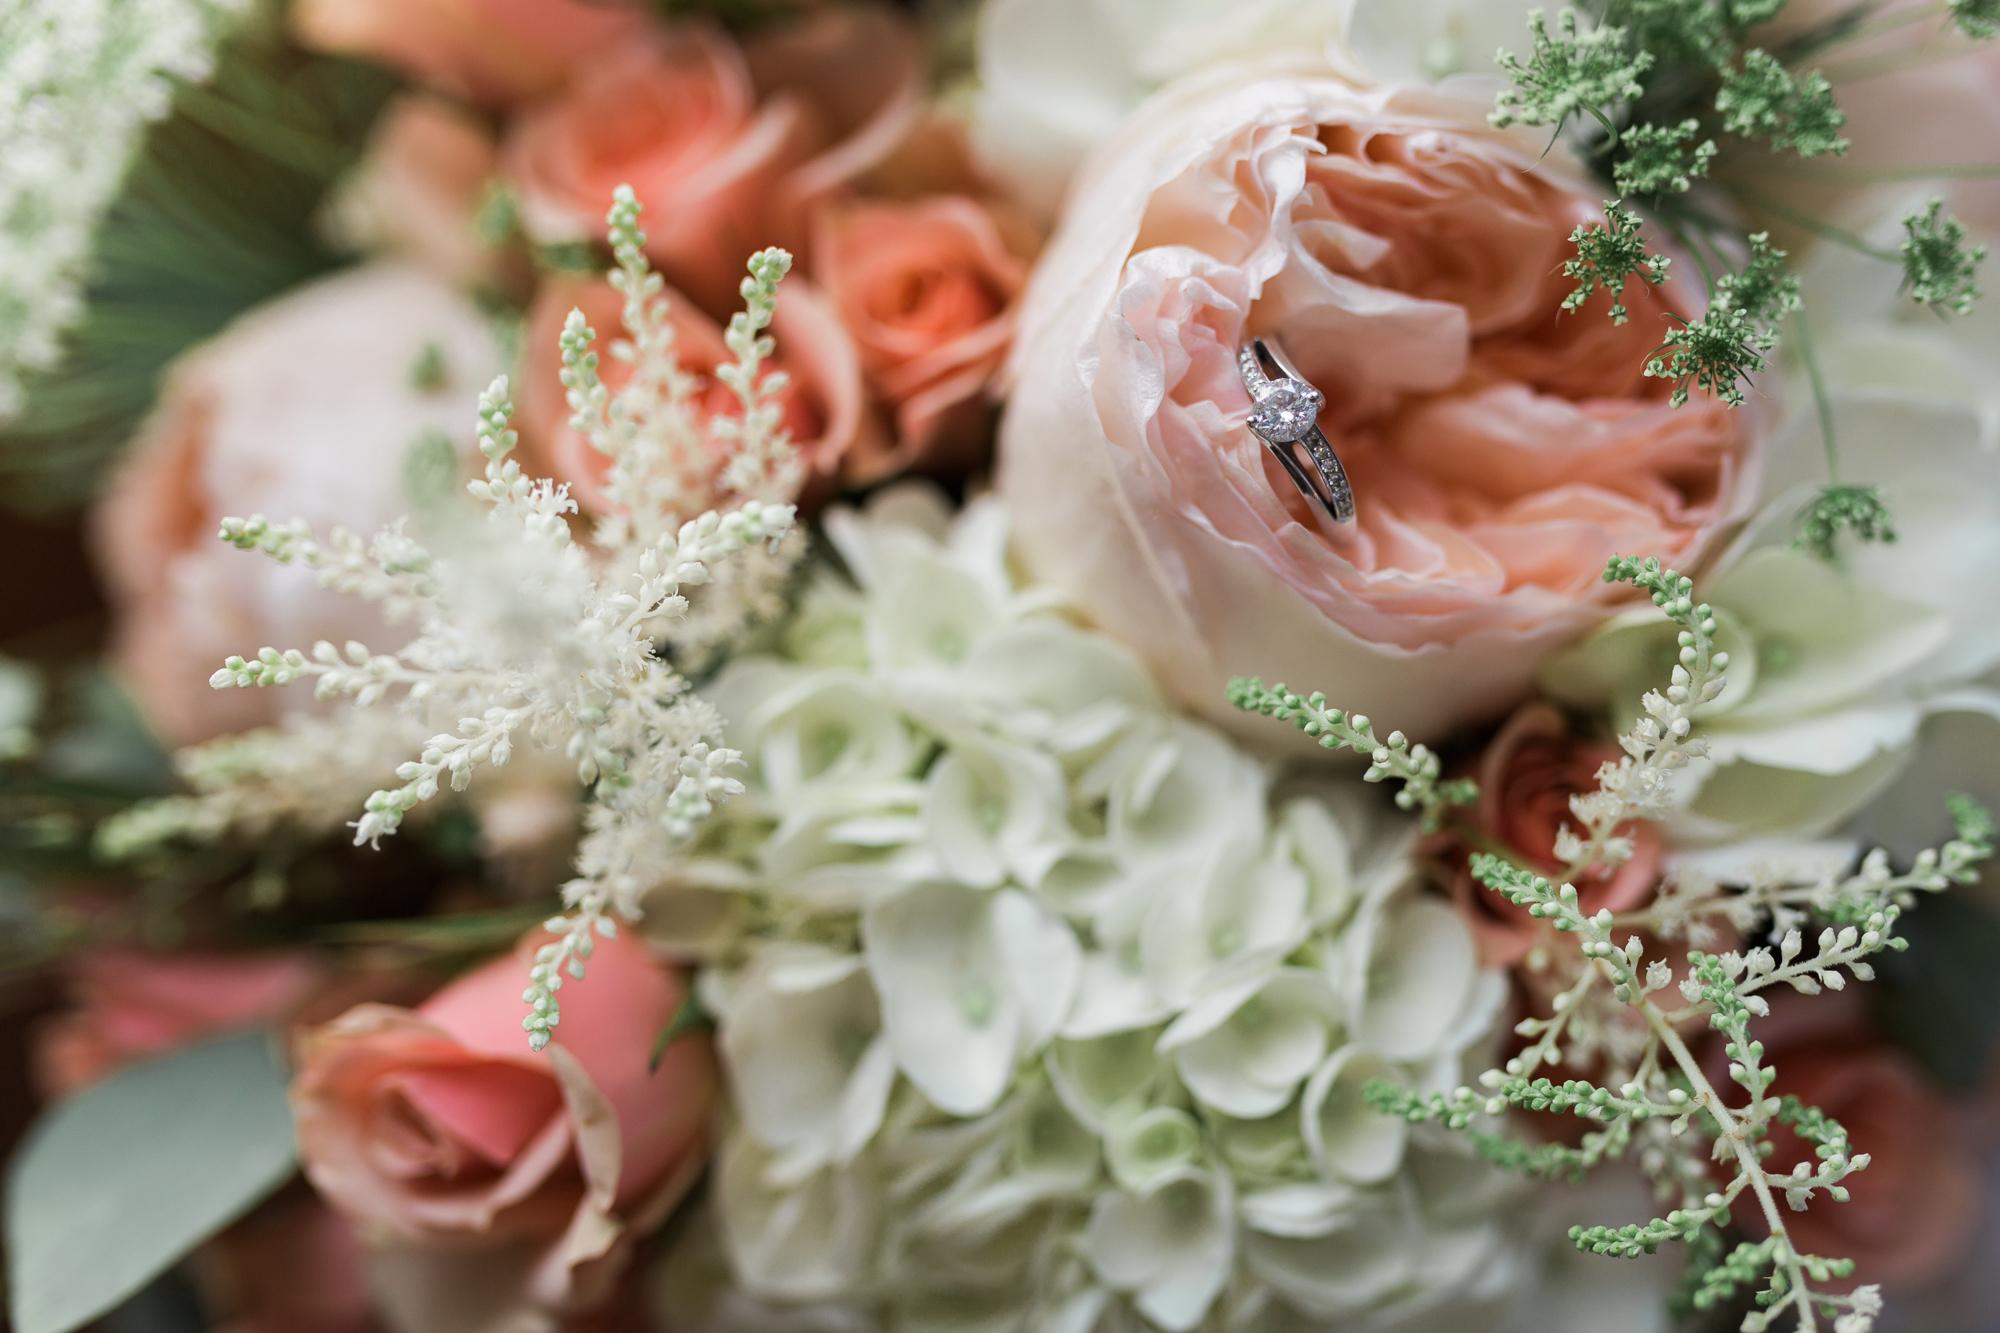 Deanna-Rachel-Photography-calgary-Wedding-photographer-jm-4.jpg